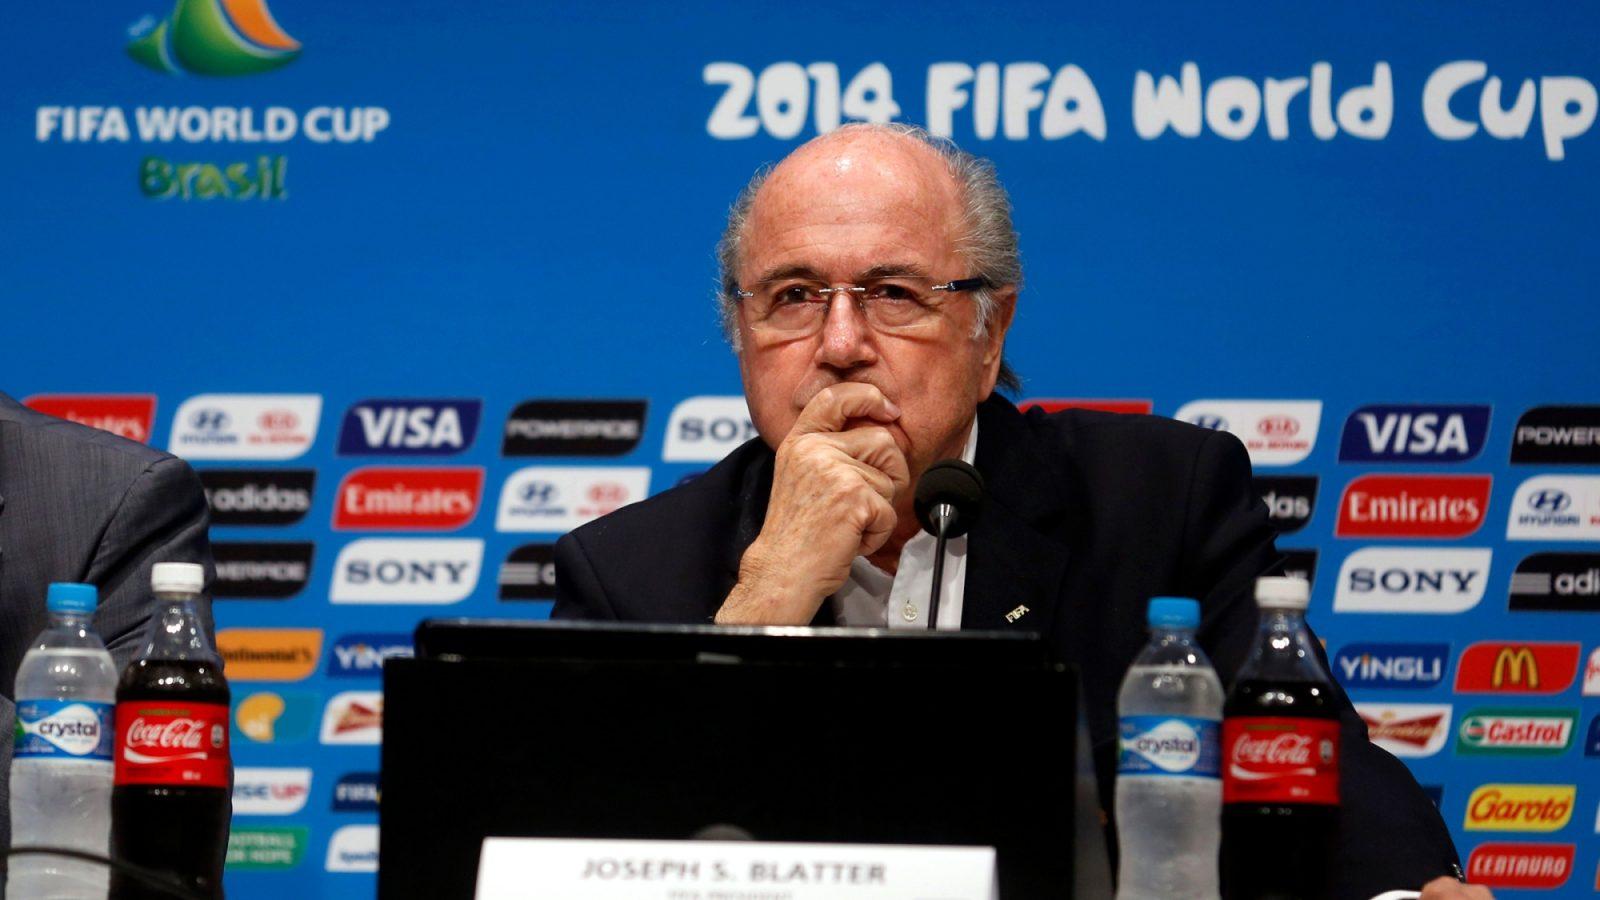 Coca-Cola, AB InBev, McDonald's y Visa piden la renuncia de Blatter